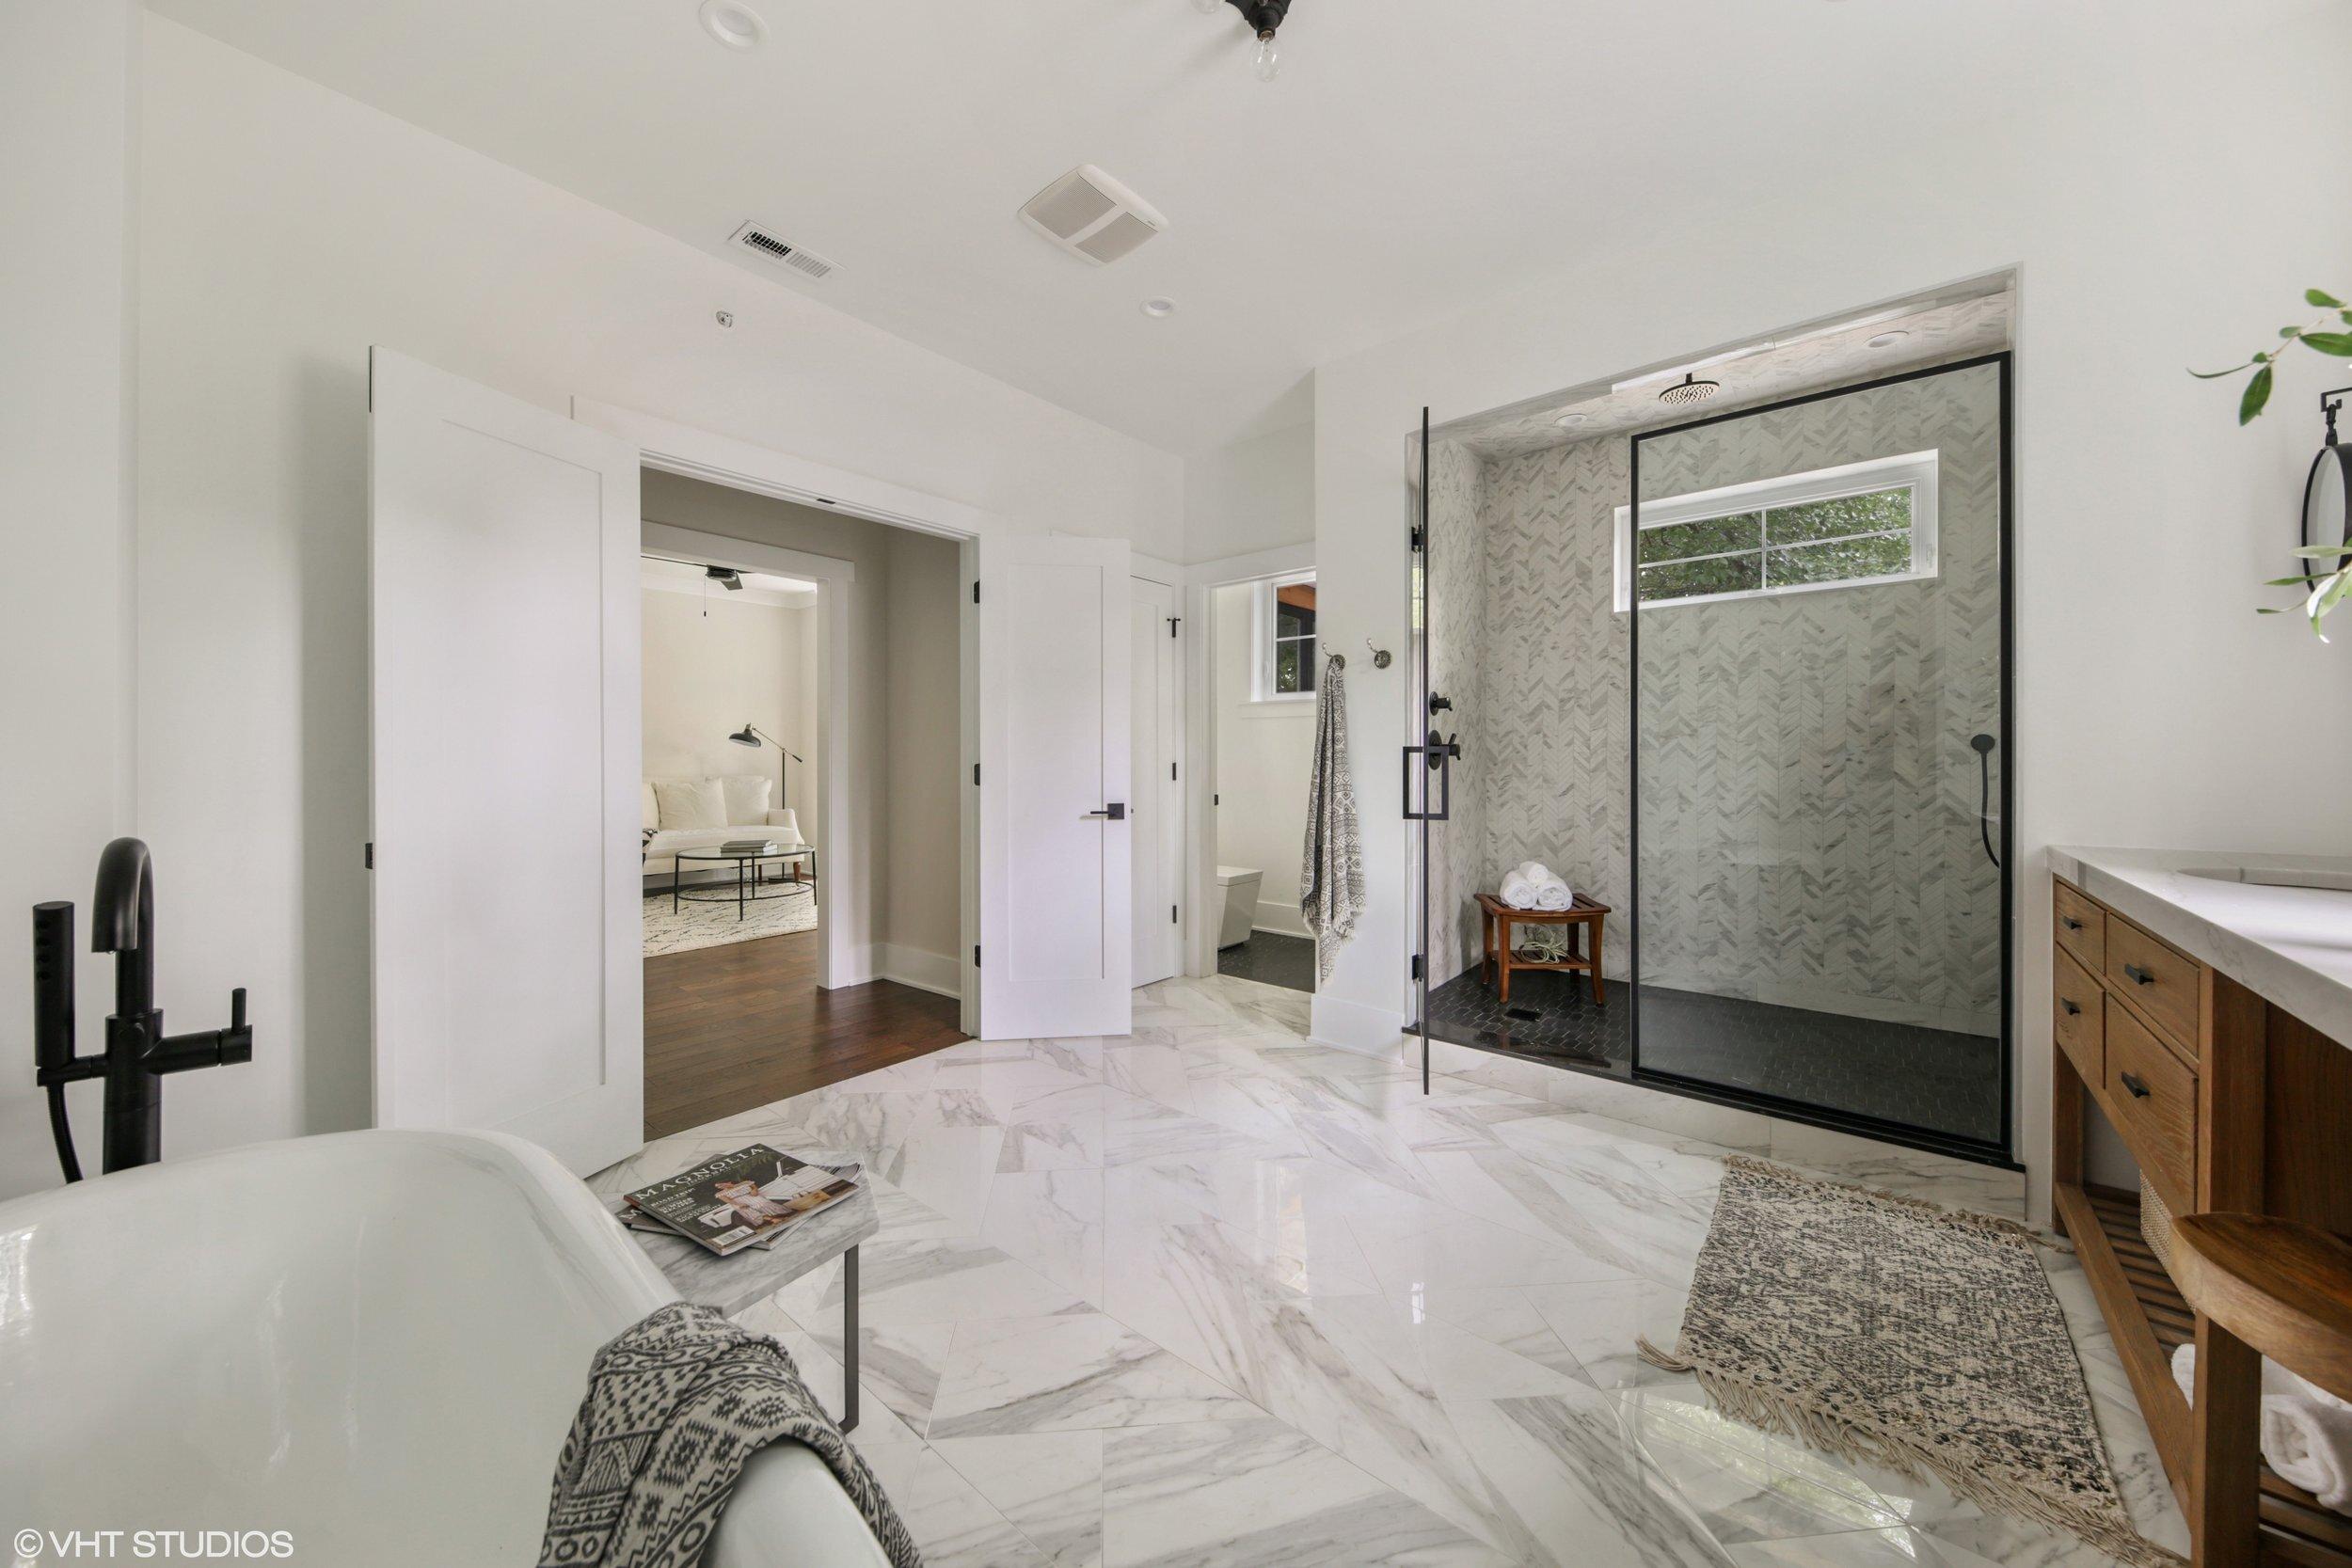 15 317lionel 13 Masterbathroom Hires